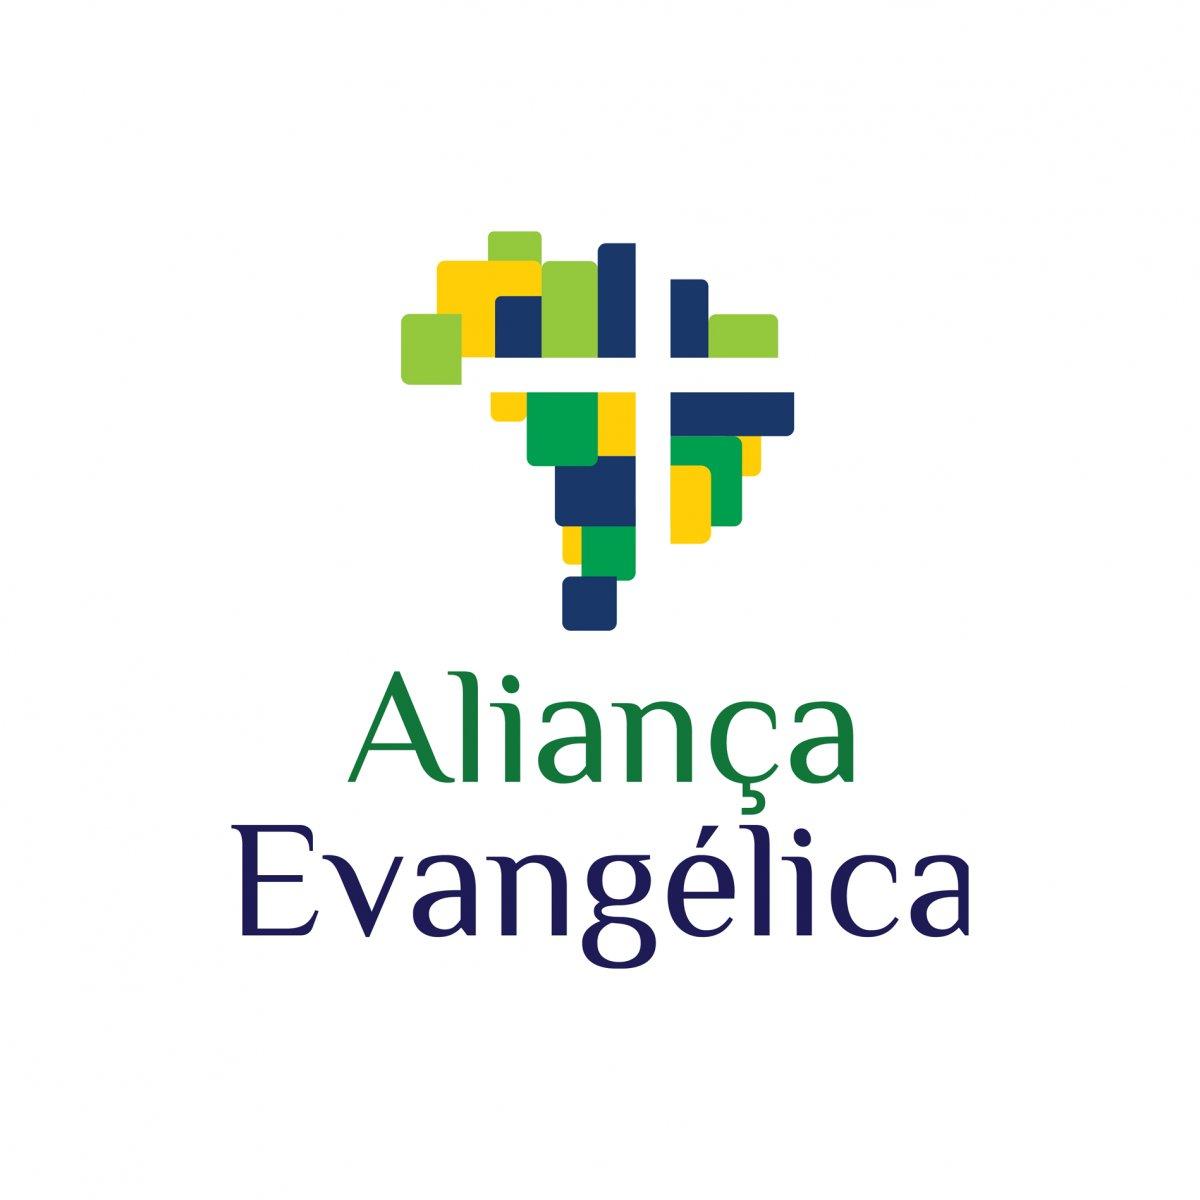 Apelo à sanidade em tempos de Covid19 | Aliança Evangélica